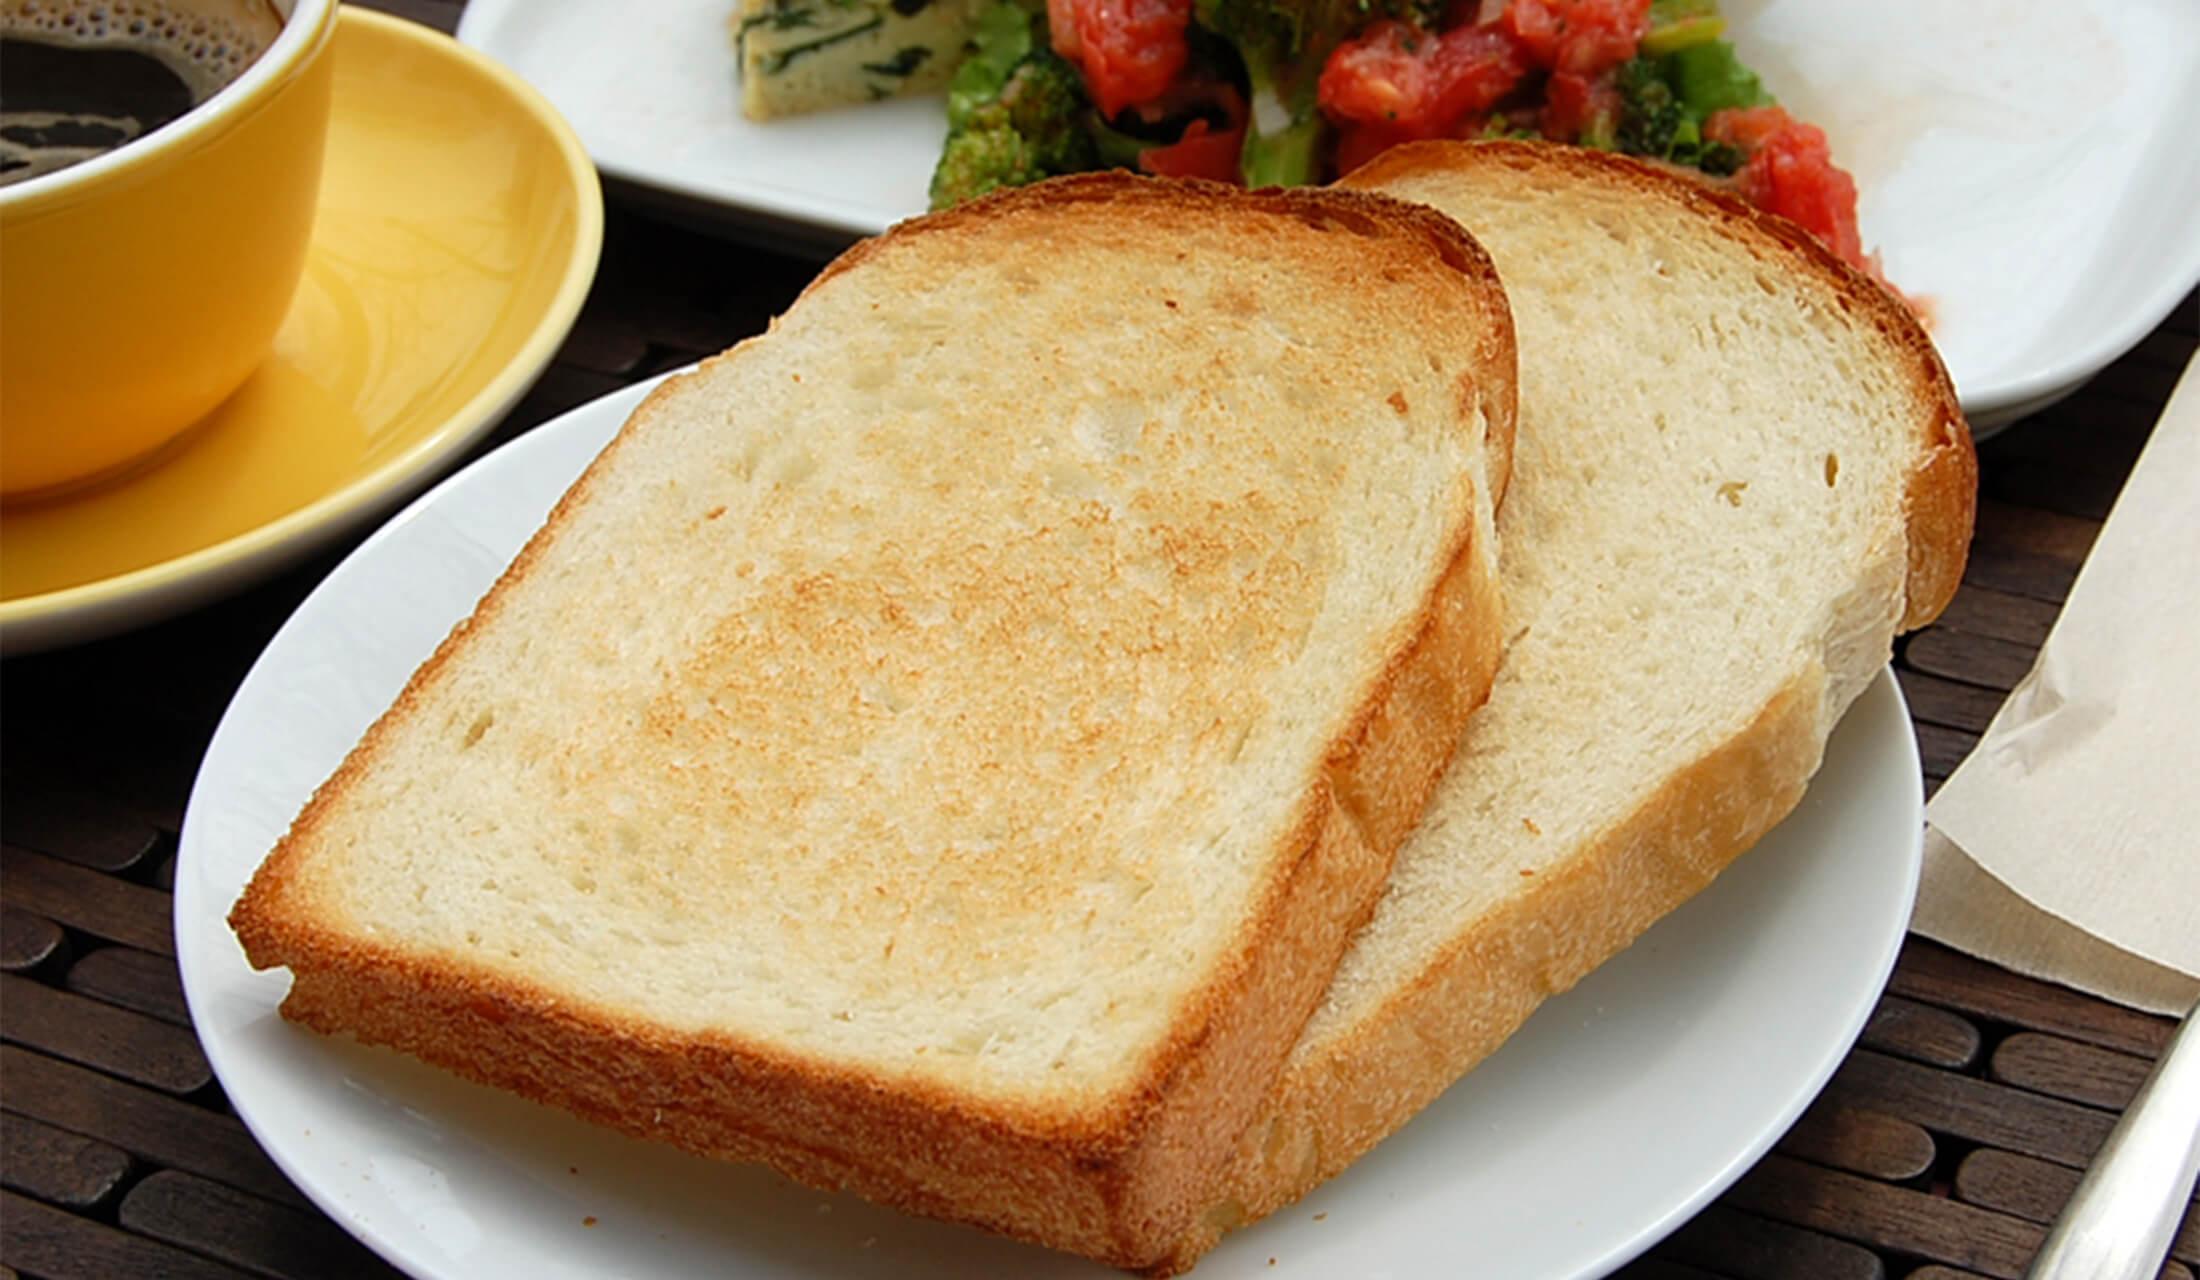 トーストされた食パン